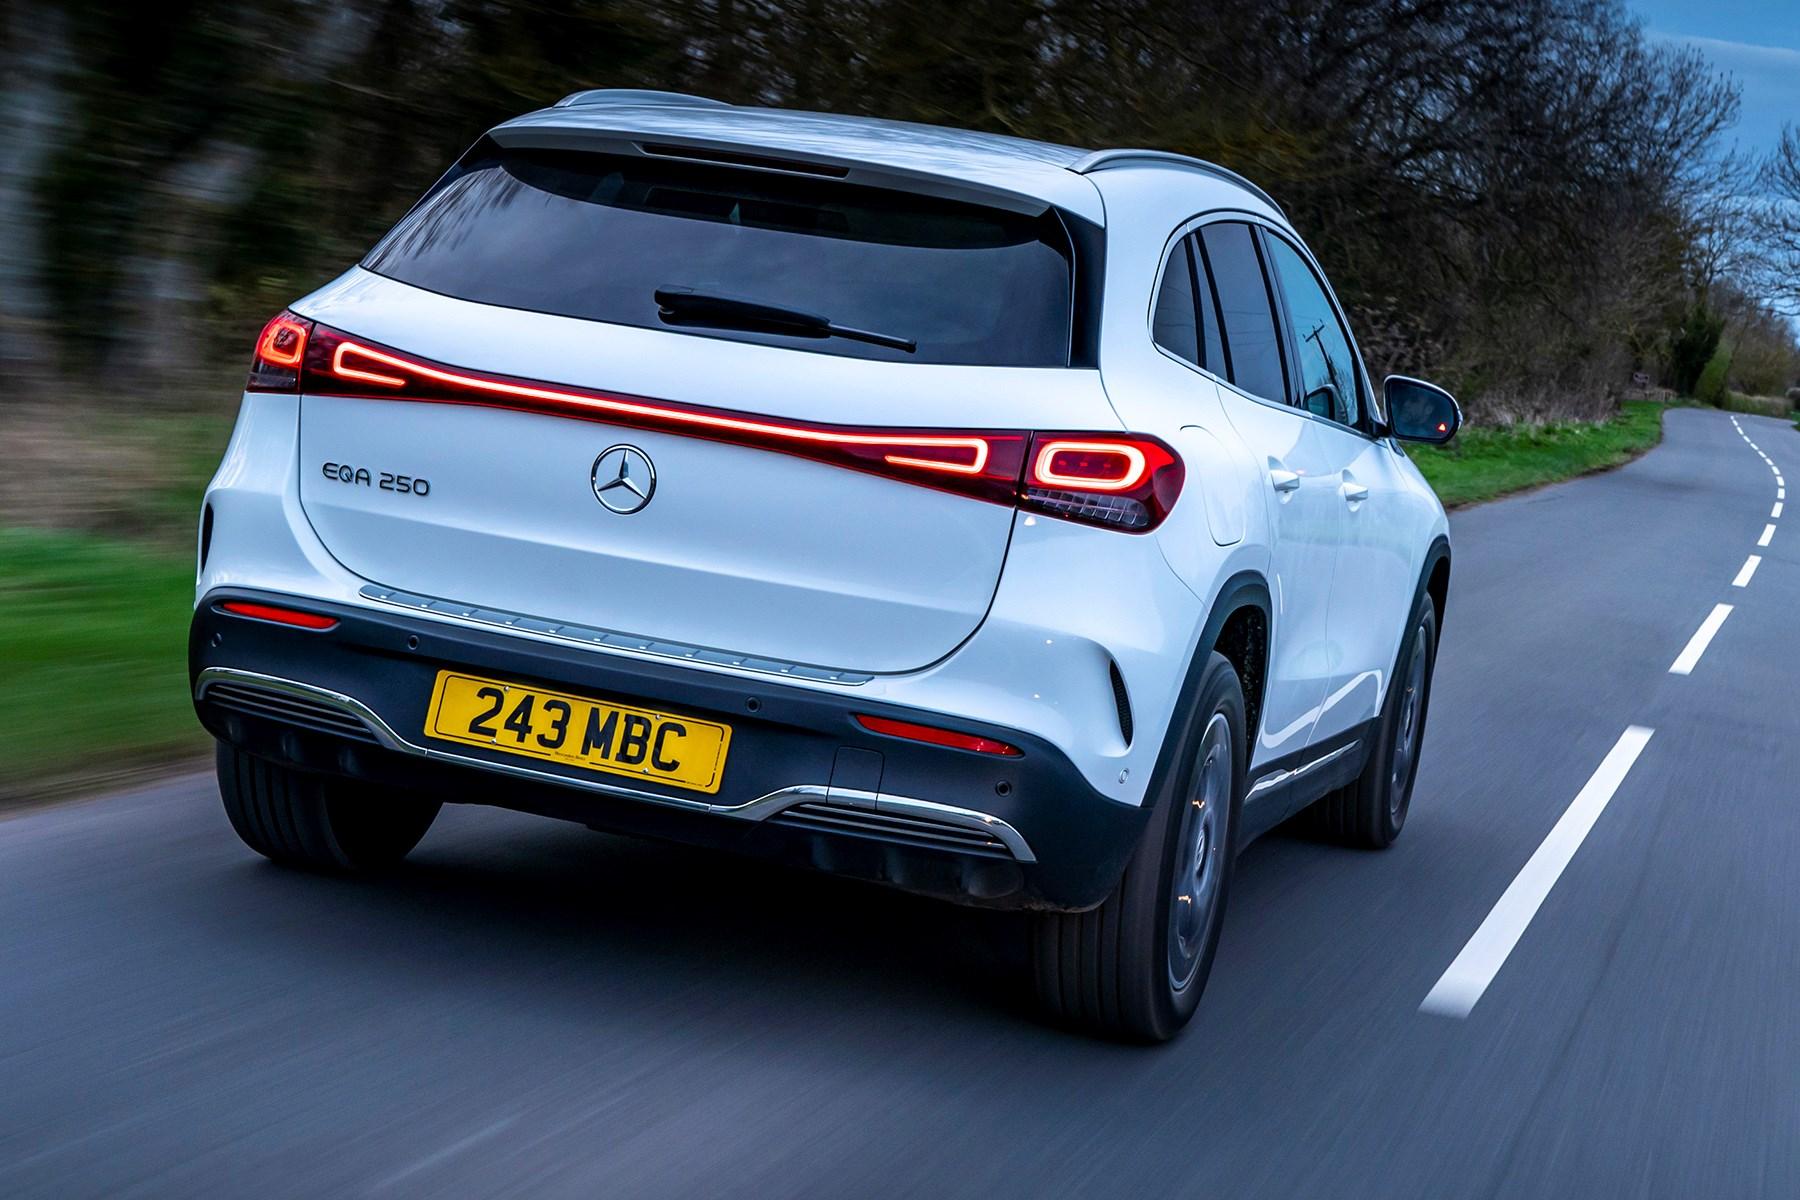 Mercedes-Benz EQA 250 (2021) rear, driving